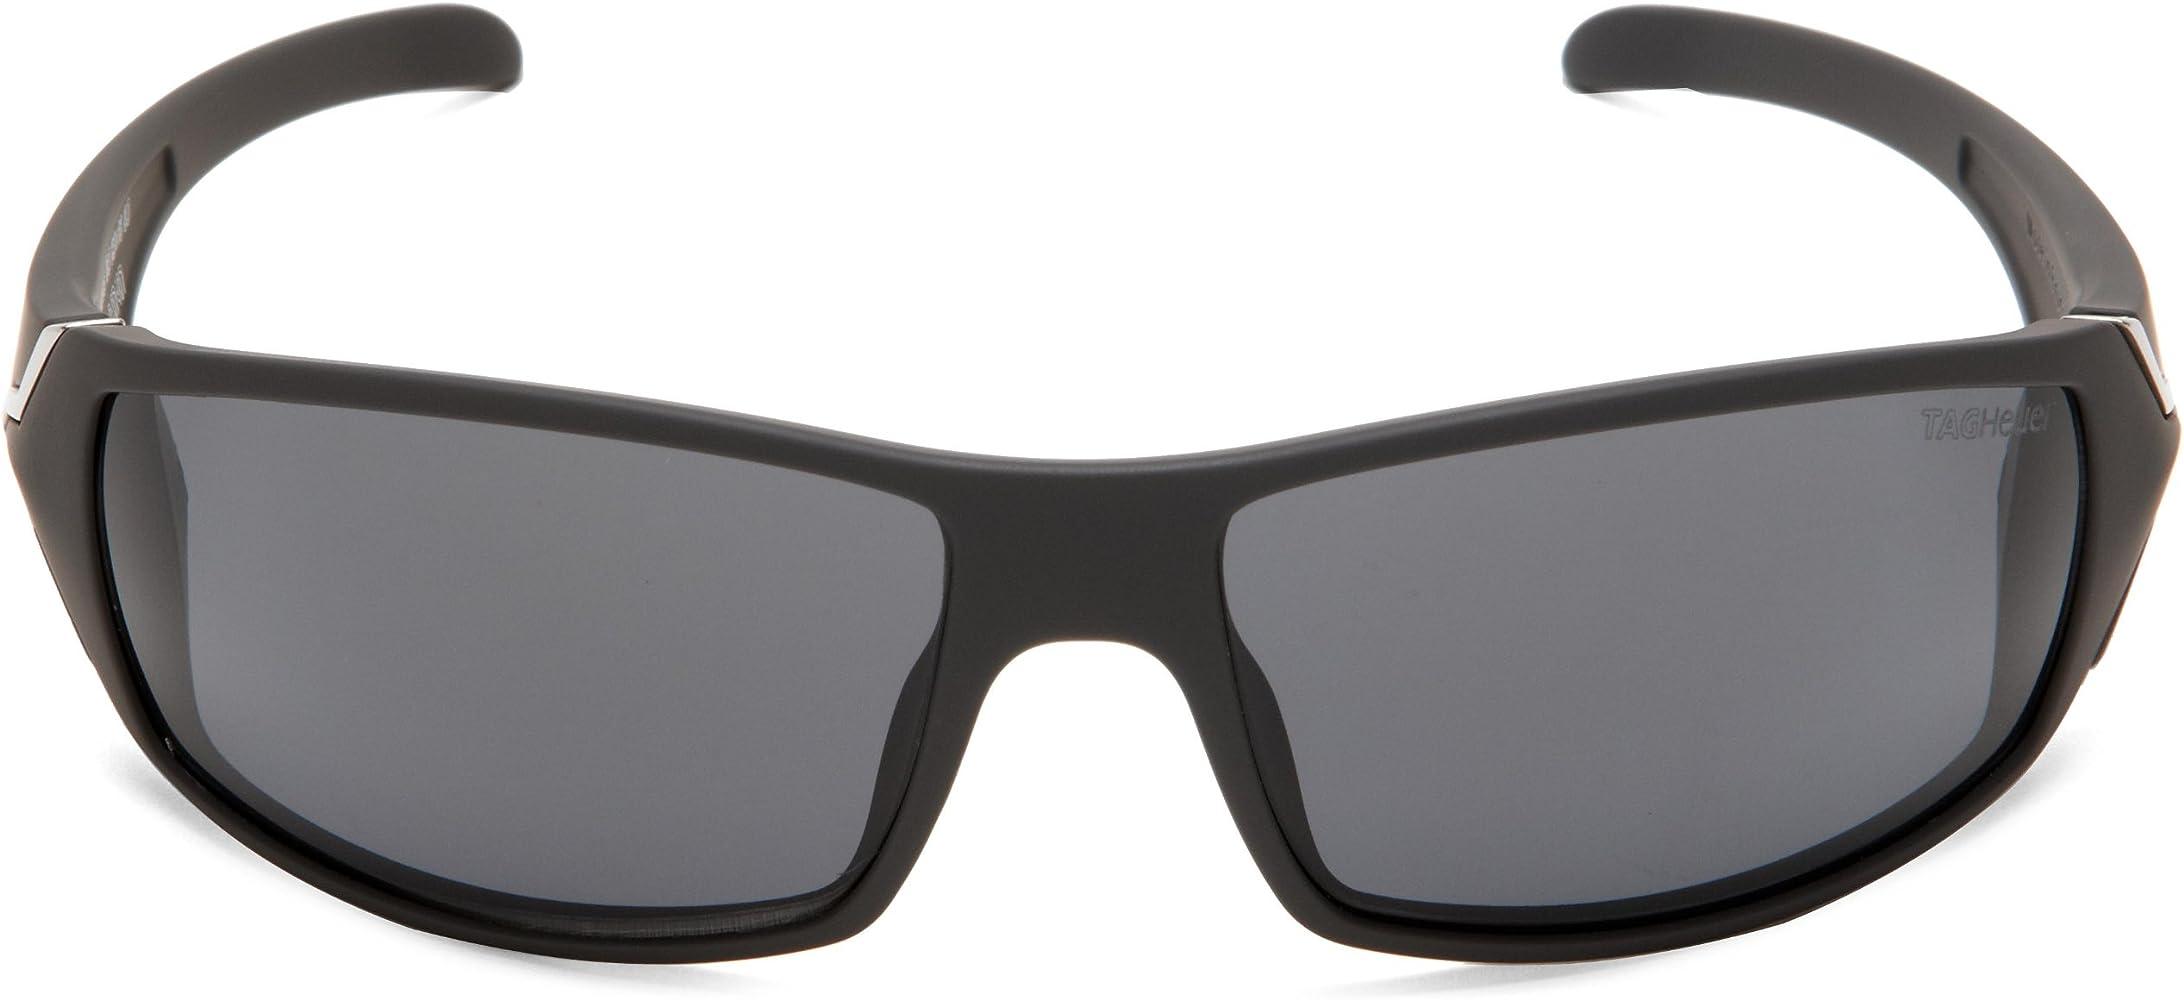 TAG Heuer - Gafas de sol - para hombre gris gris: Amazon.es ...